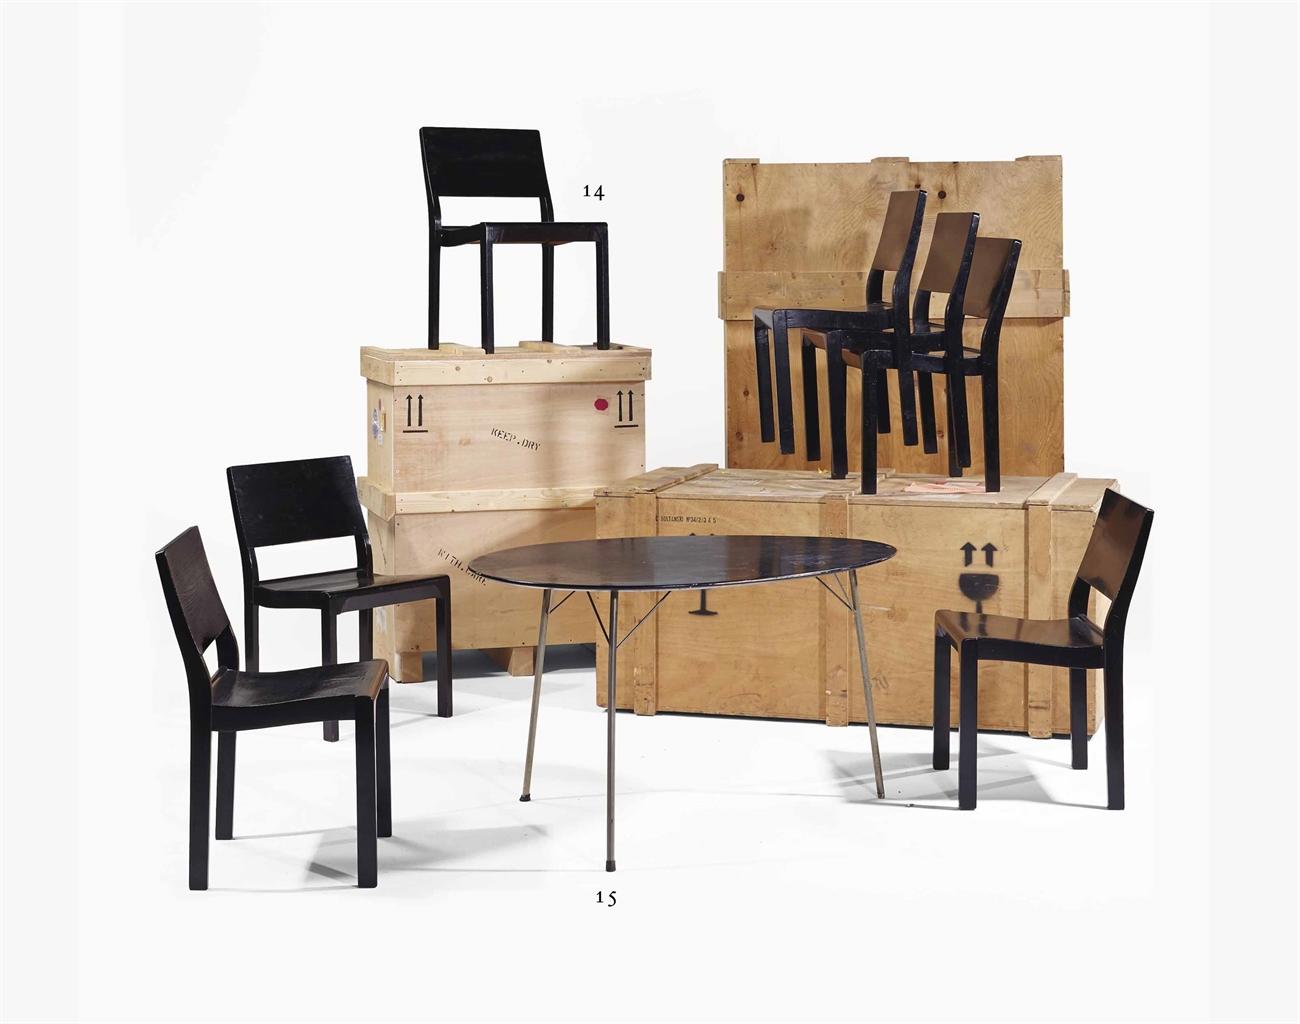 Alvar aalto 1898 1976 ensemble de sept chaises for Chaise alvar aalto